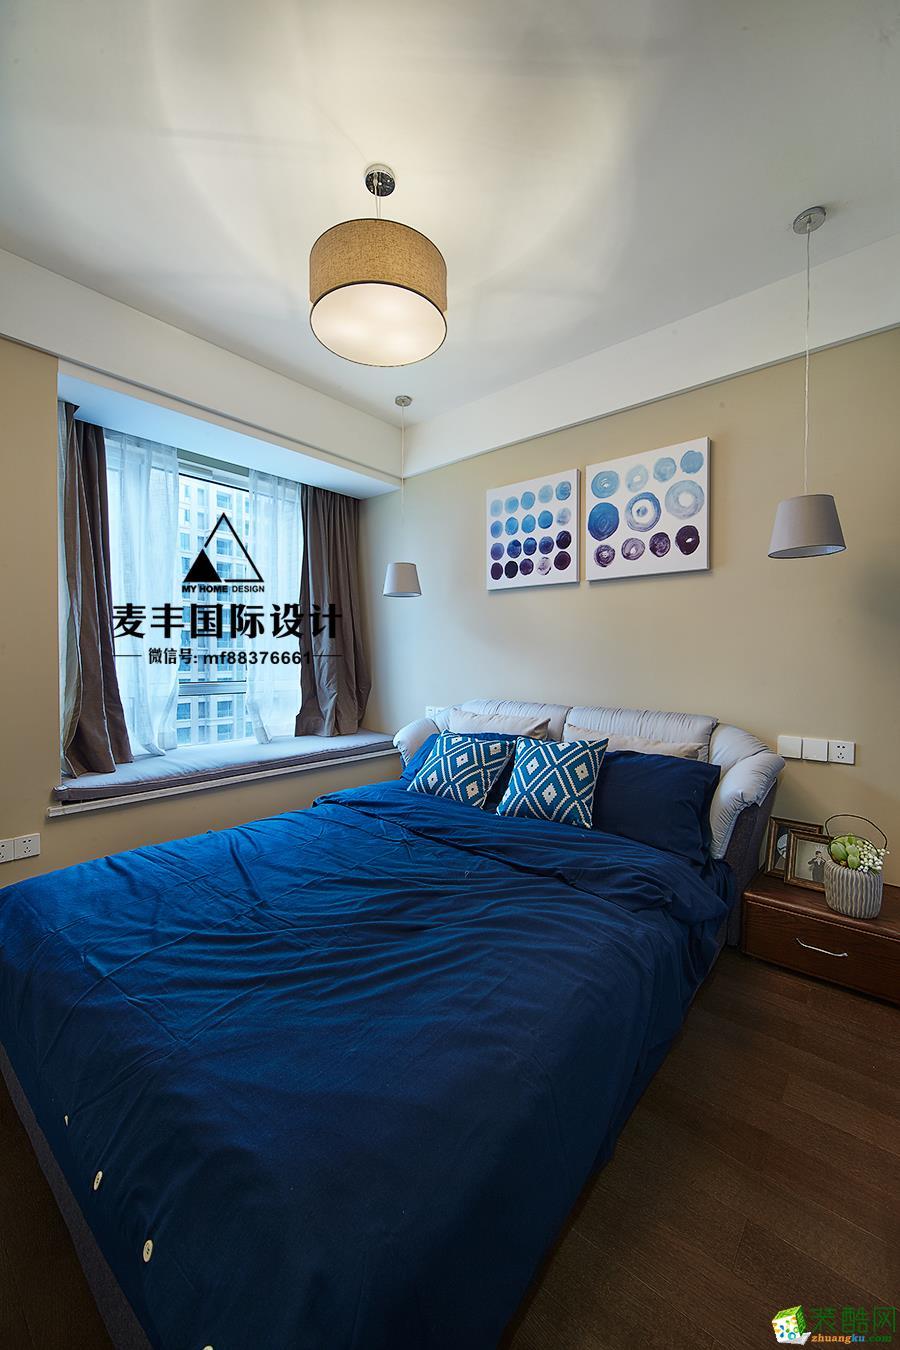 卧室  杭州150㎡4室2厅装修—麦丰设计—康城国际简约风格装修作品